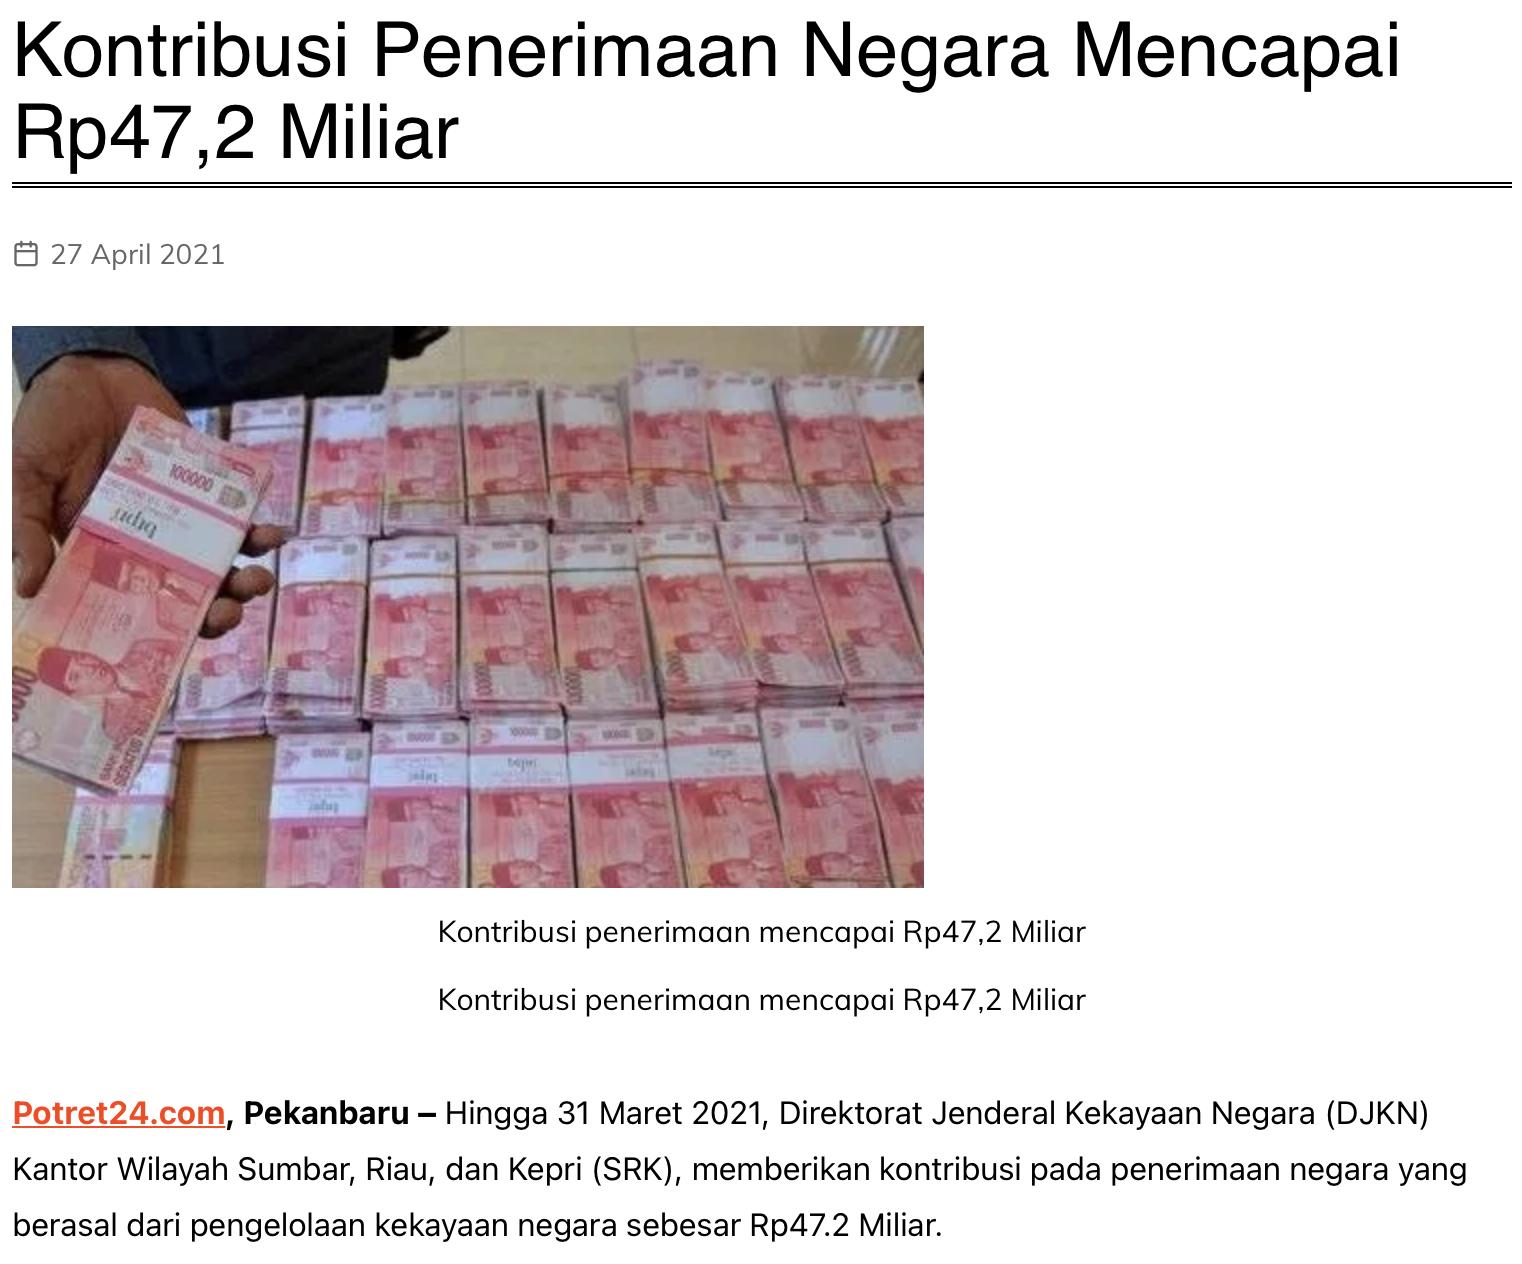 Kontribusi Penerimaan Negara Mencapai Rp47,2 Miliar